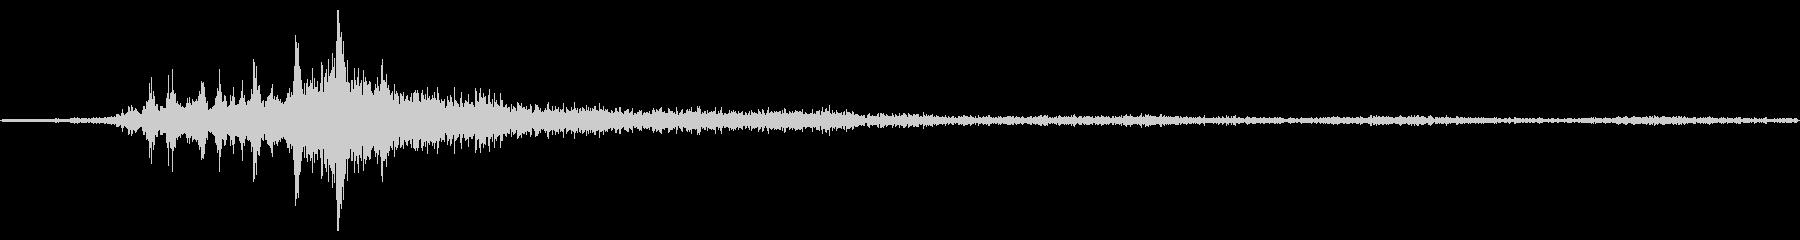 バイノーラル録音戦闘機7の未再生の波形